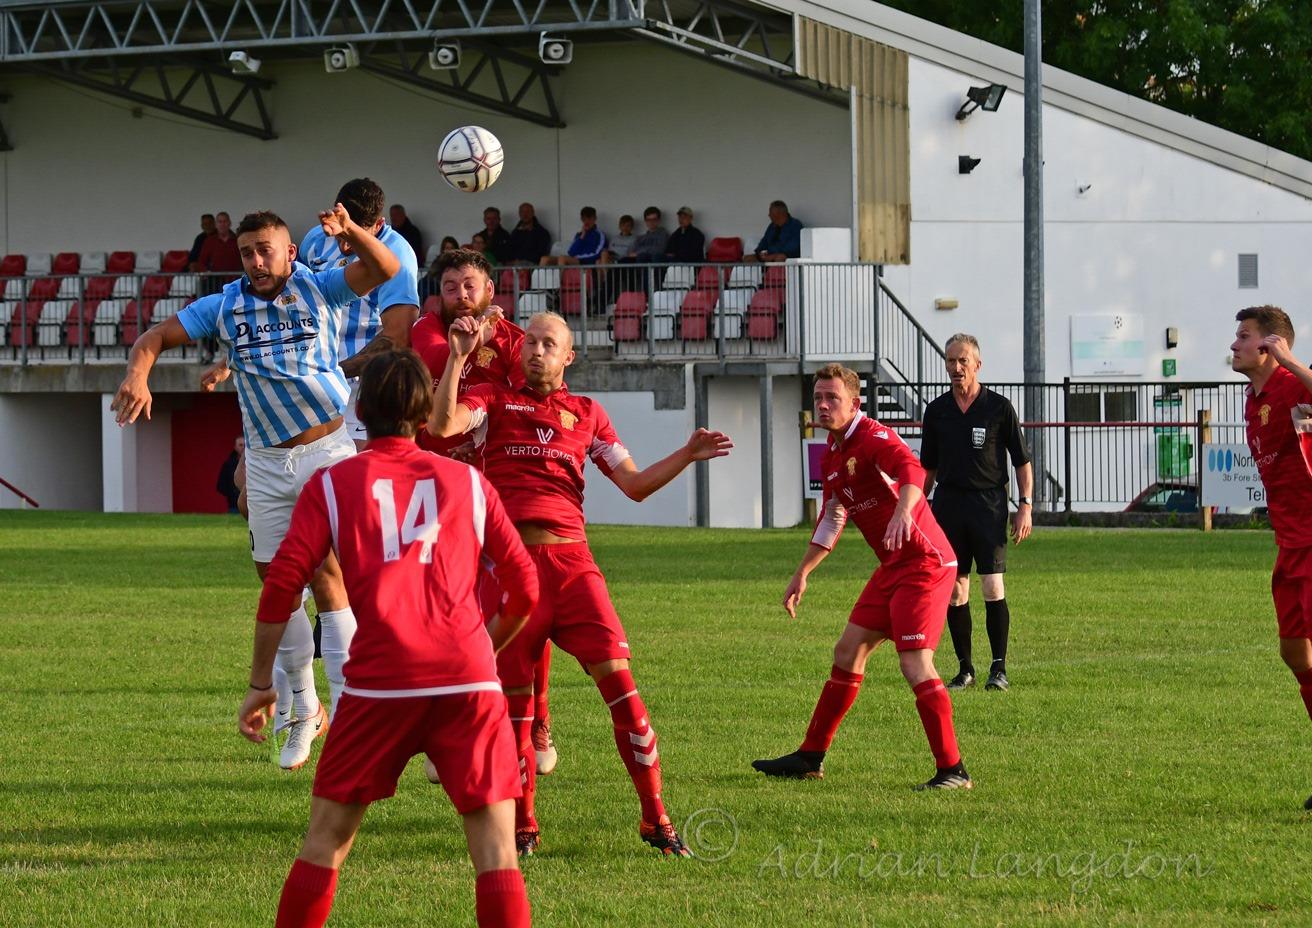 Wadebridge v Godolphin (c) Adrian Langdon